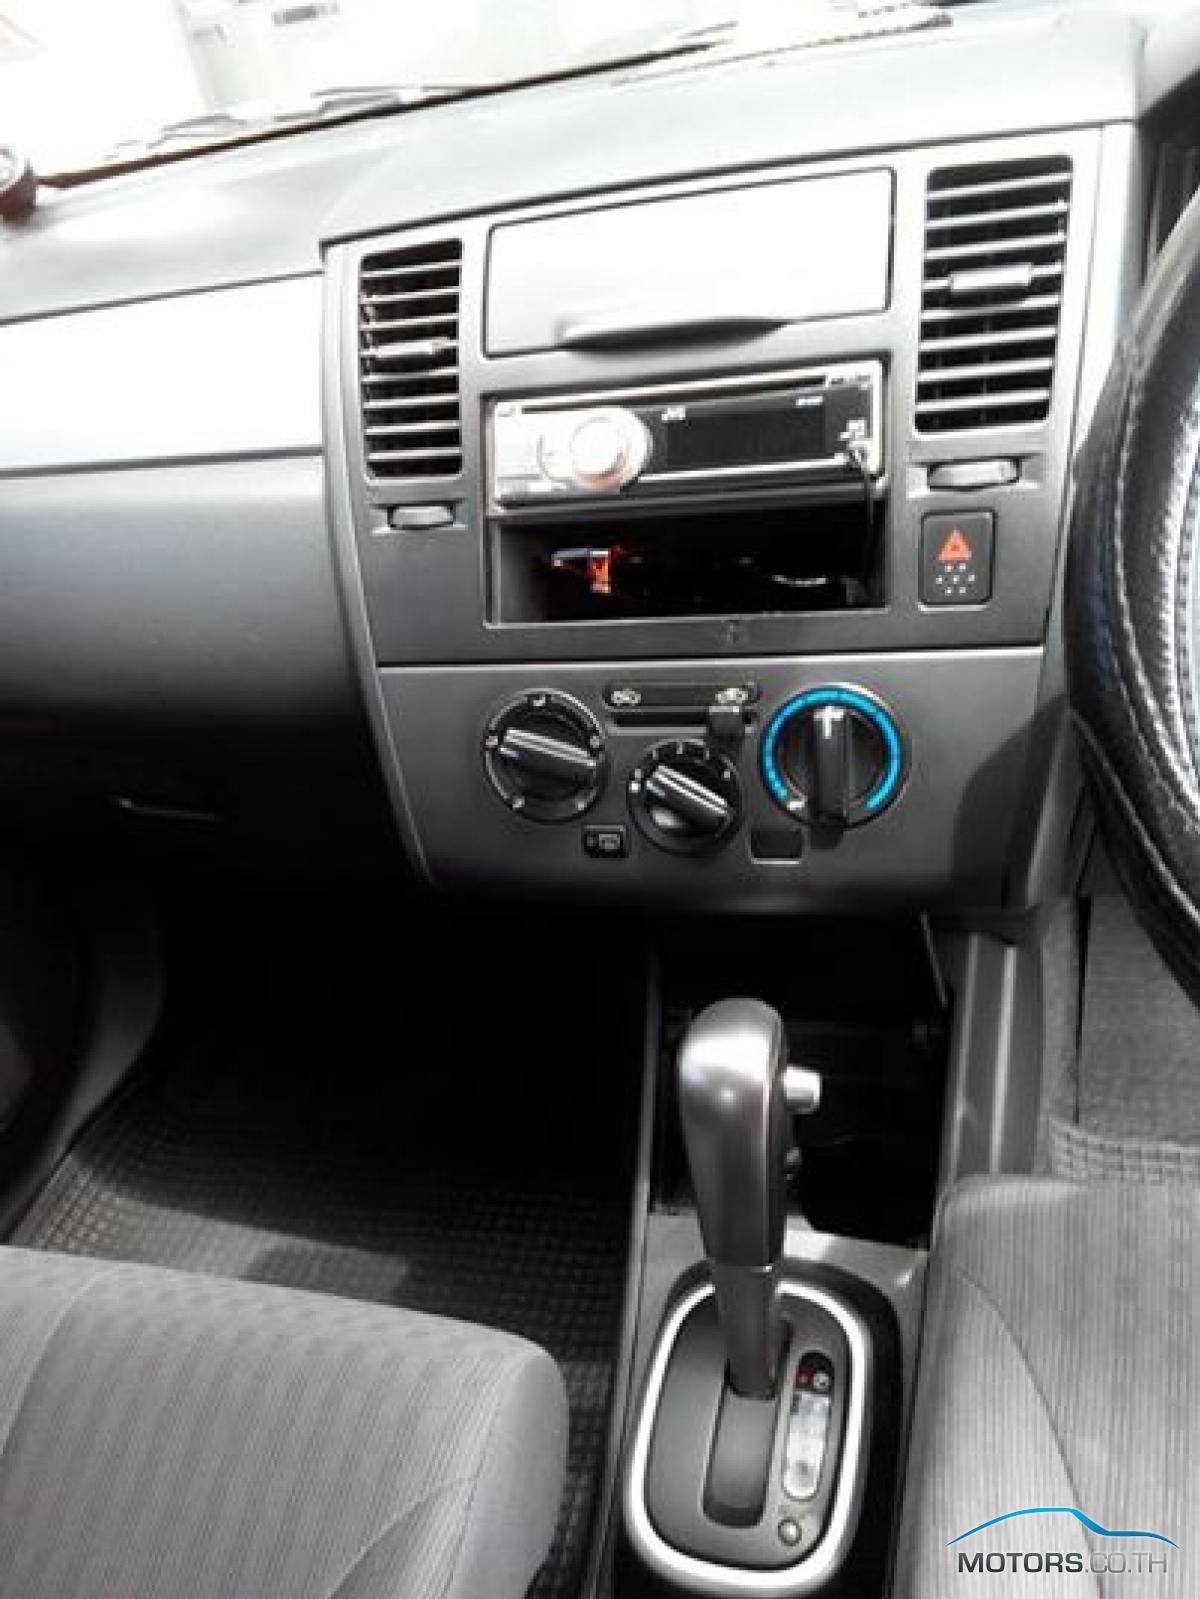 รถมือสอง, รถยนต์มือสอง NISSAN TIIDA (2008)